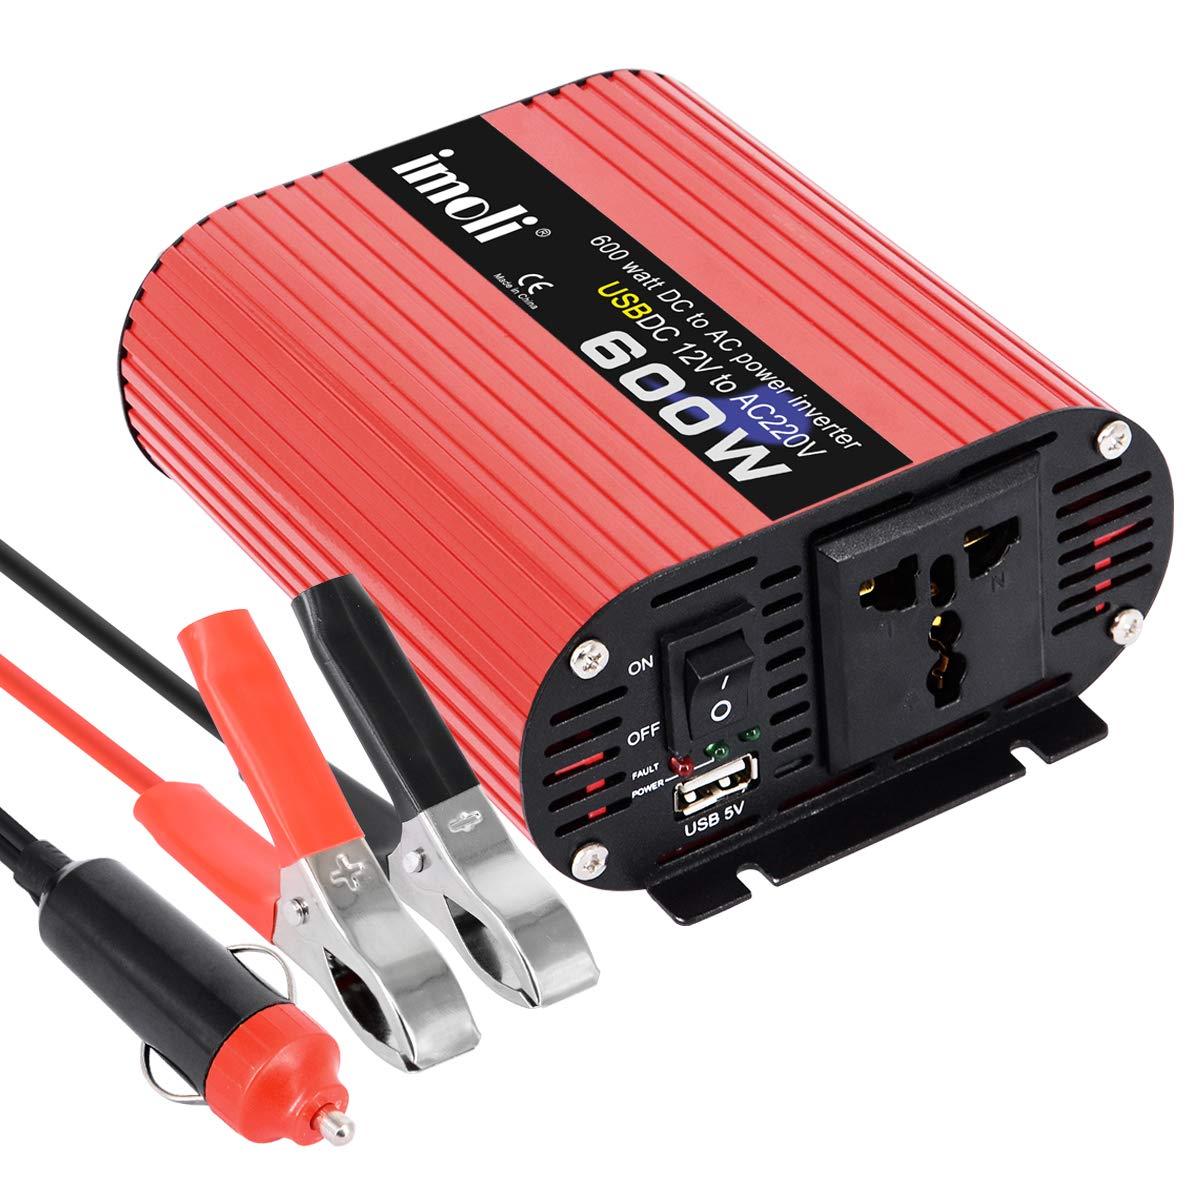 Inversor de Corriente de 600W imoli Convertidor de Voltaje del Coche Potencia Pico 1200W Doble Salida de CA y Puerto de Carga USB Tamaño portátil ...